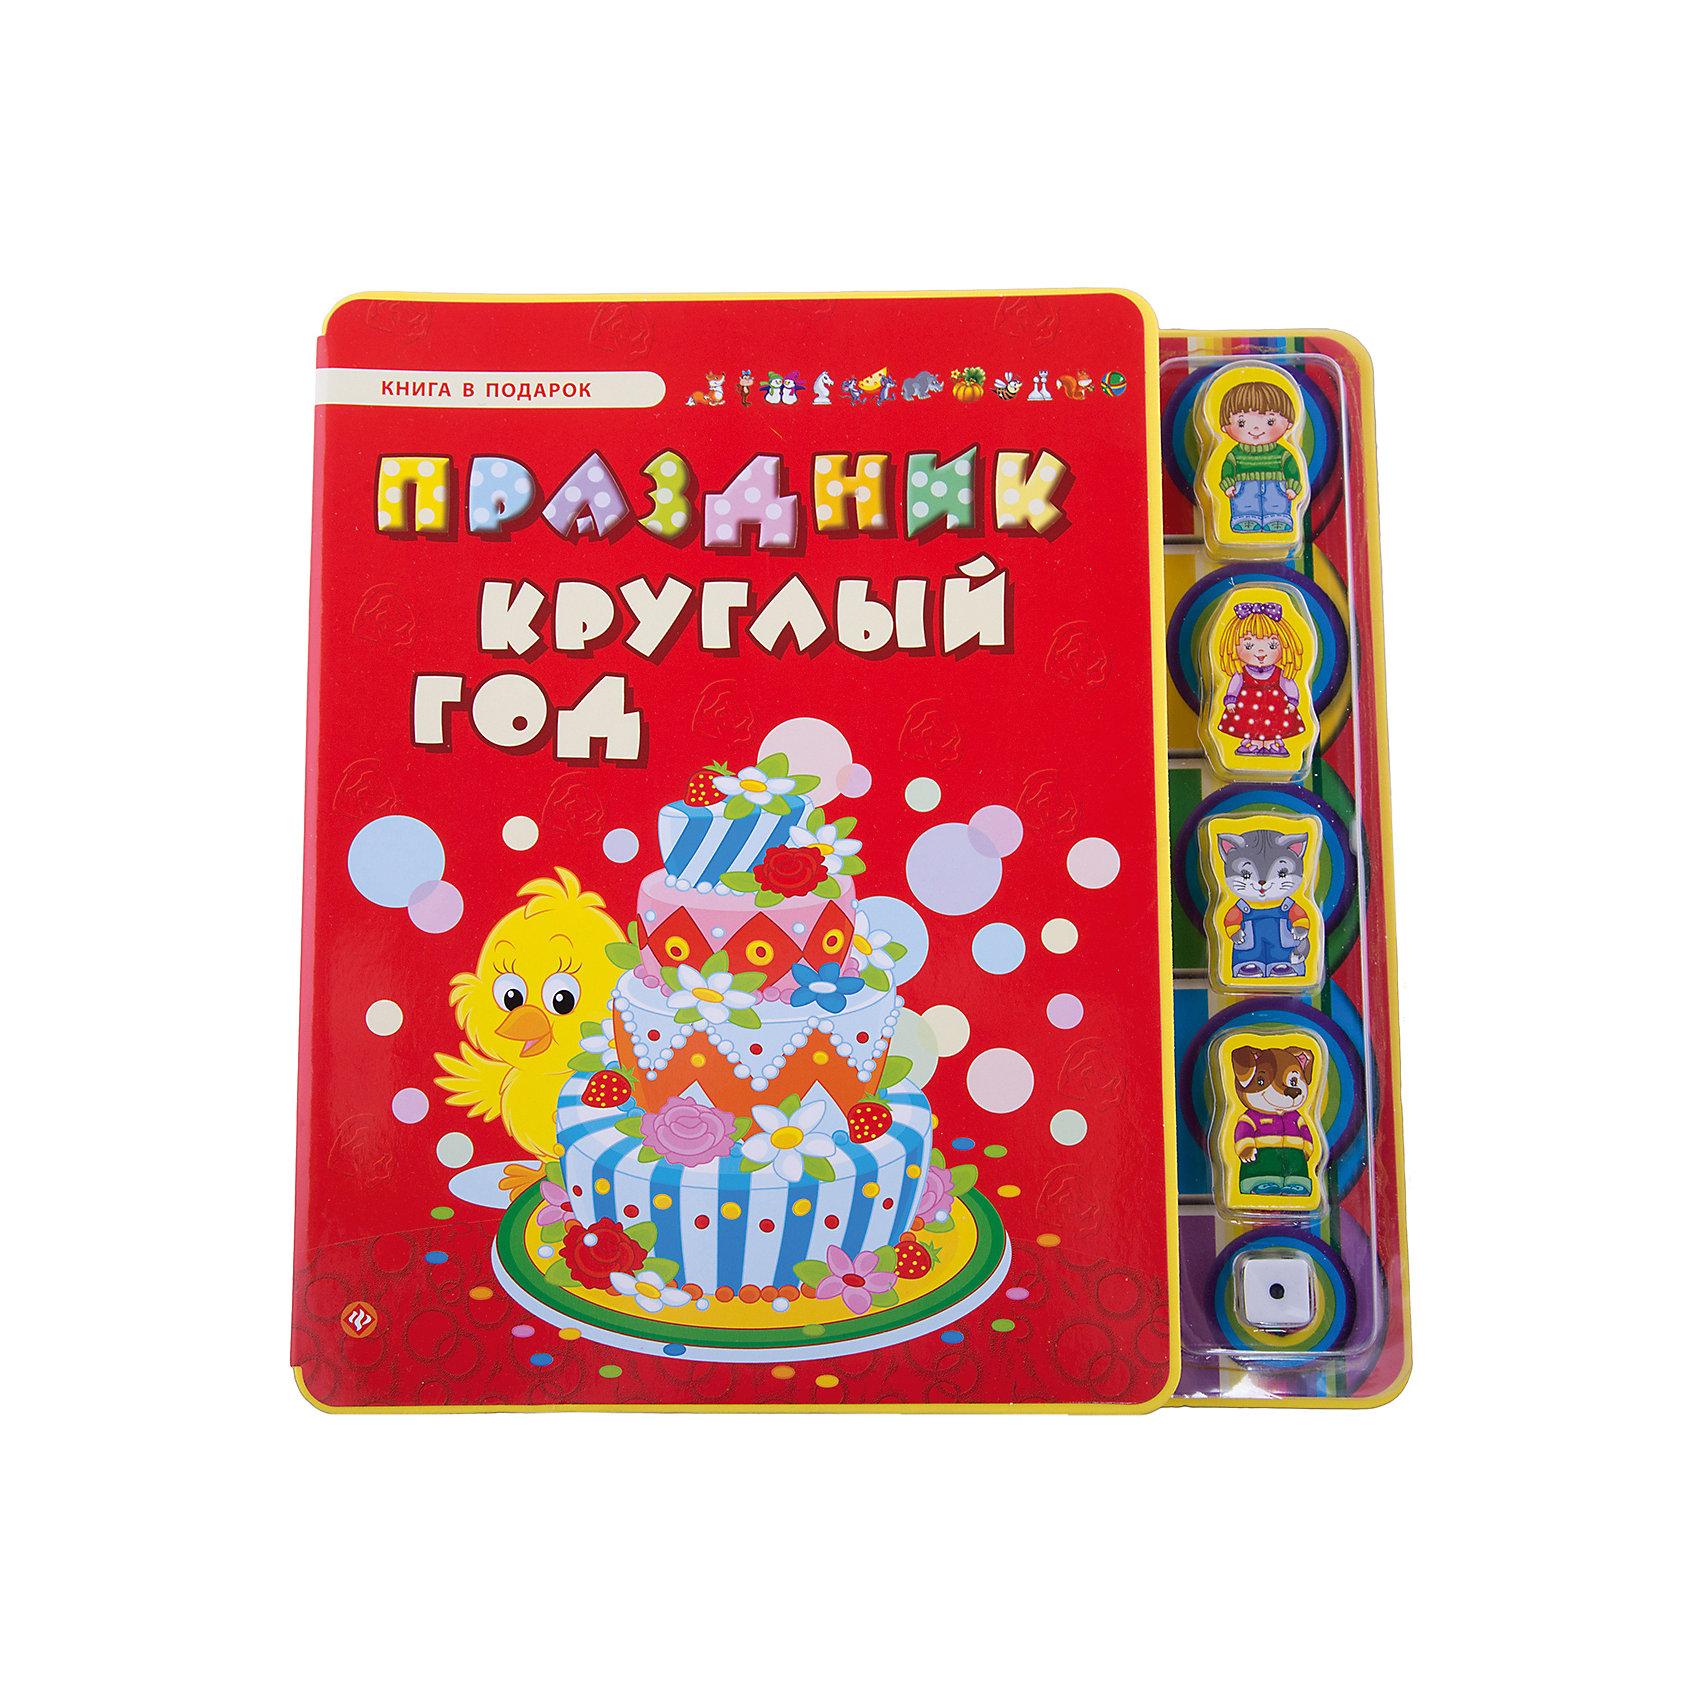 Подарочная книга-игра Праздник круглый годПраздники<br>Чудесная и красочная книжка-игра Праздник круглый год непременно порадует Вашего малыша. Веселые и добрые стихотворения и красочные картинки поднимут настроение и познакомят ребенка с временами года и основными праздниками. А в середине книжки ребят ждёт<br>сюрприз: увлекательная игра-ходилка Праздничное путешествие. Для игры потребуются фишки по количеству игроков и игральный кубик. Фишками могут служить пуговички или монетки. Роль фишек могут выполнить и весёлые зверушки-игрушки. Для детей дошкольного возраста.<br>Для чтения взрослыми детям.<br><br><br>Дополнительная информация:<br><br>- Автор: С. А. Гордиенко.<br>- Серия: Книга в подарок.<br>- Обложка: картон+полимер.<br>- Иллюстрации: цветные.<br>- Объем: 10 стр. (ПВХ).<br>- Размер: 28,7 x 2,6 x 28,5 см.<br>- Вес: 0,438 кг.<br><br>Книгу Праздник круглый год, Феникс-Премьер, можно купить в нашем интернет-магазине.<br><br>Ширина мм: 289<br>Глубина мм: 285<br>Высота мм: 25<br>Вес г: 1720<br>Возраст от месяцев: 24<br>Возраст до месяцев: 84<br>Пол: Унисекс<br>Возраст: Детский<br>SKU: 4771400